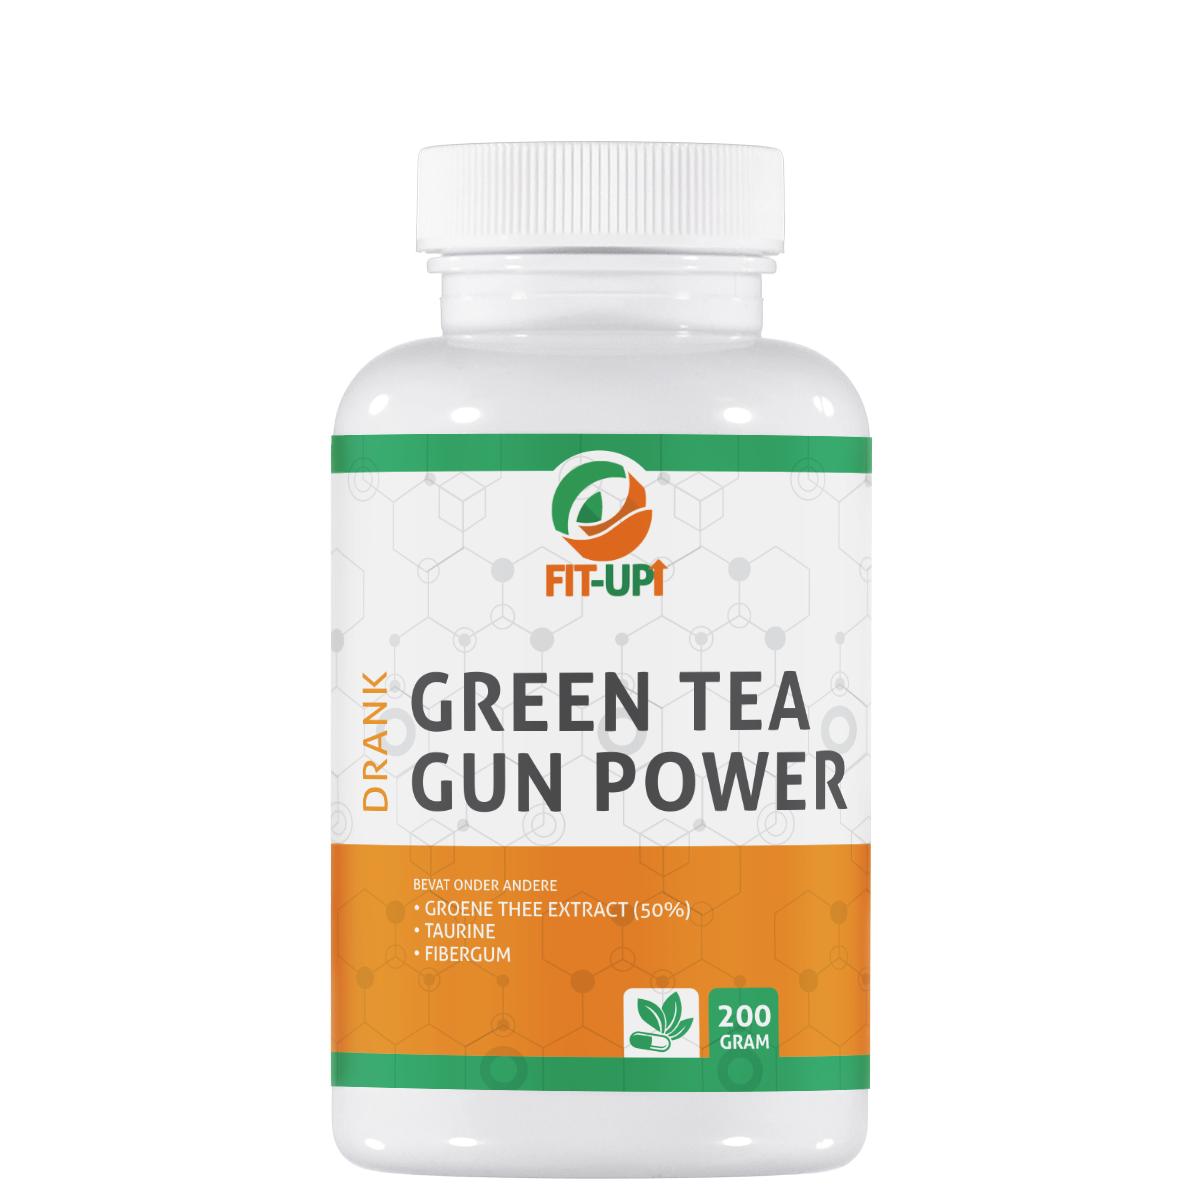 Green tea gun power - drink